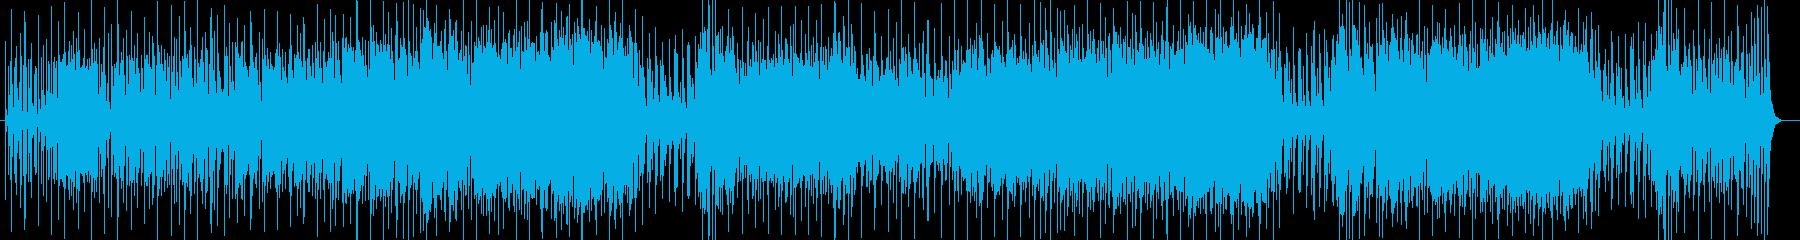 ゆったり感シンセサイザー打楽器サウンドの再生済みの波形